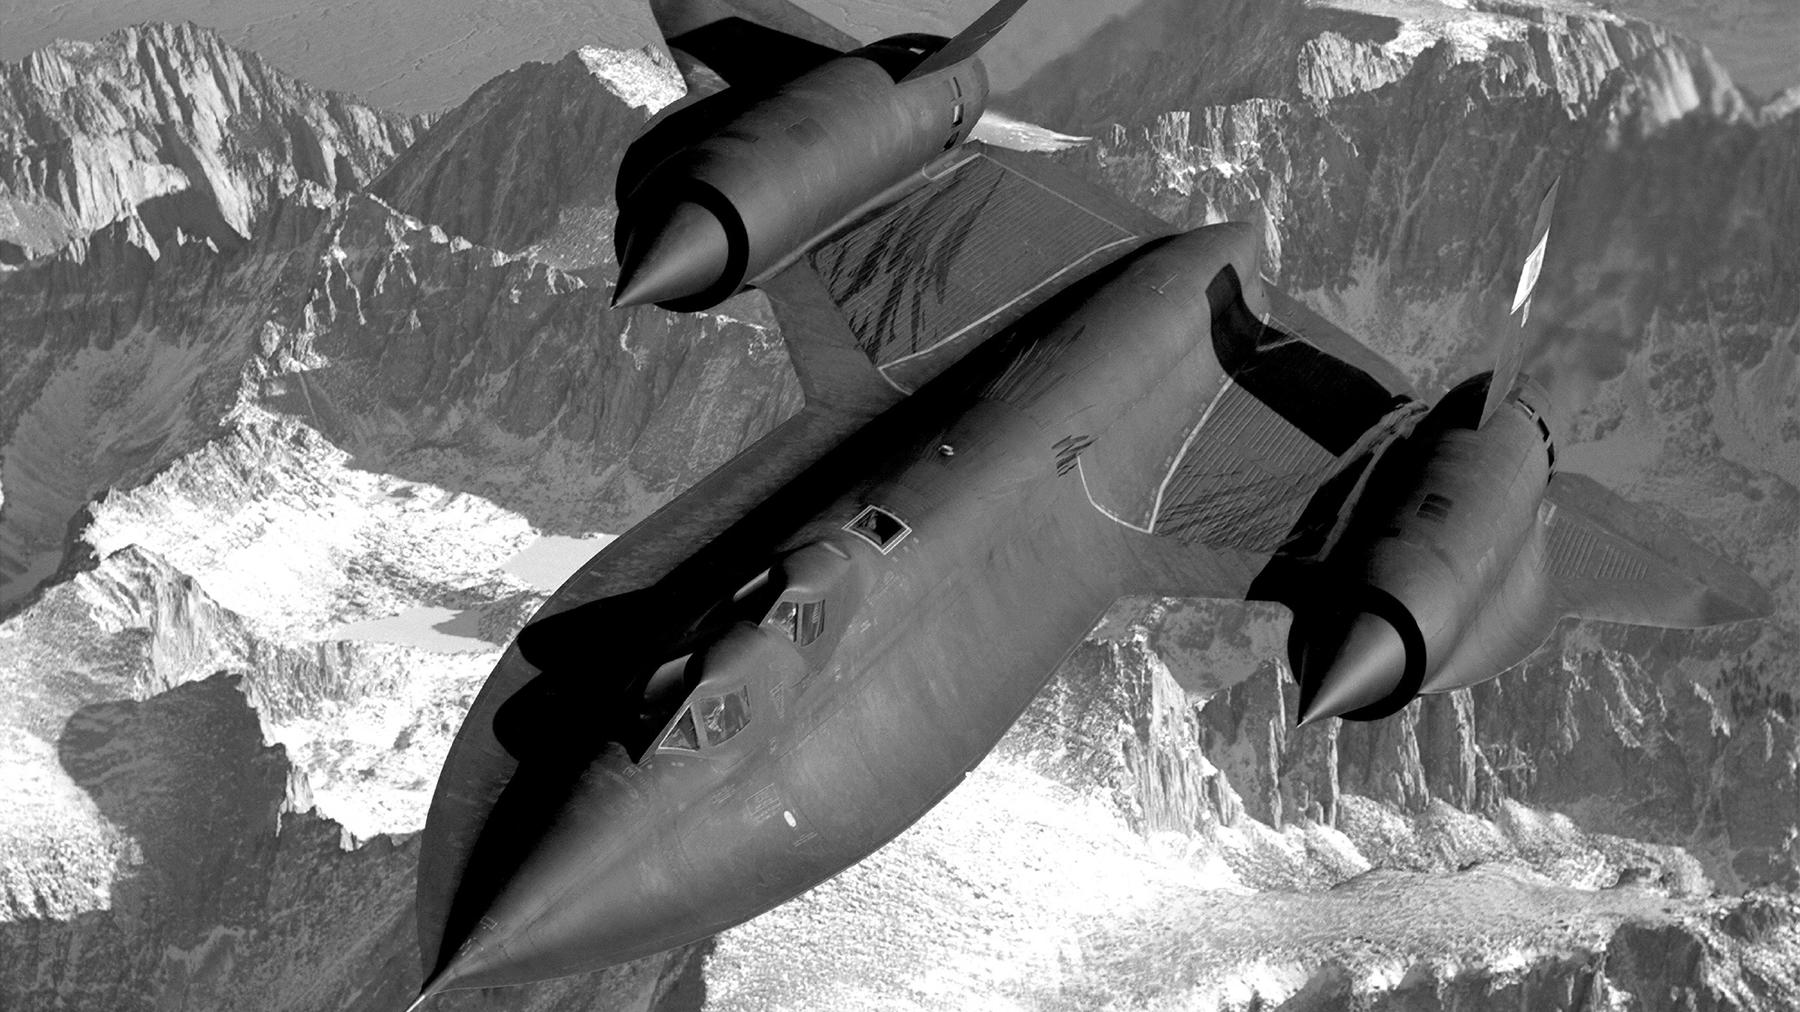 Hightech-Waffen - Technik der Kriegsführung